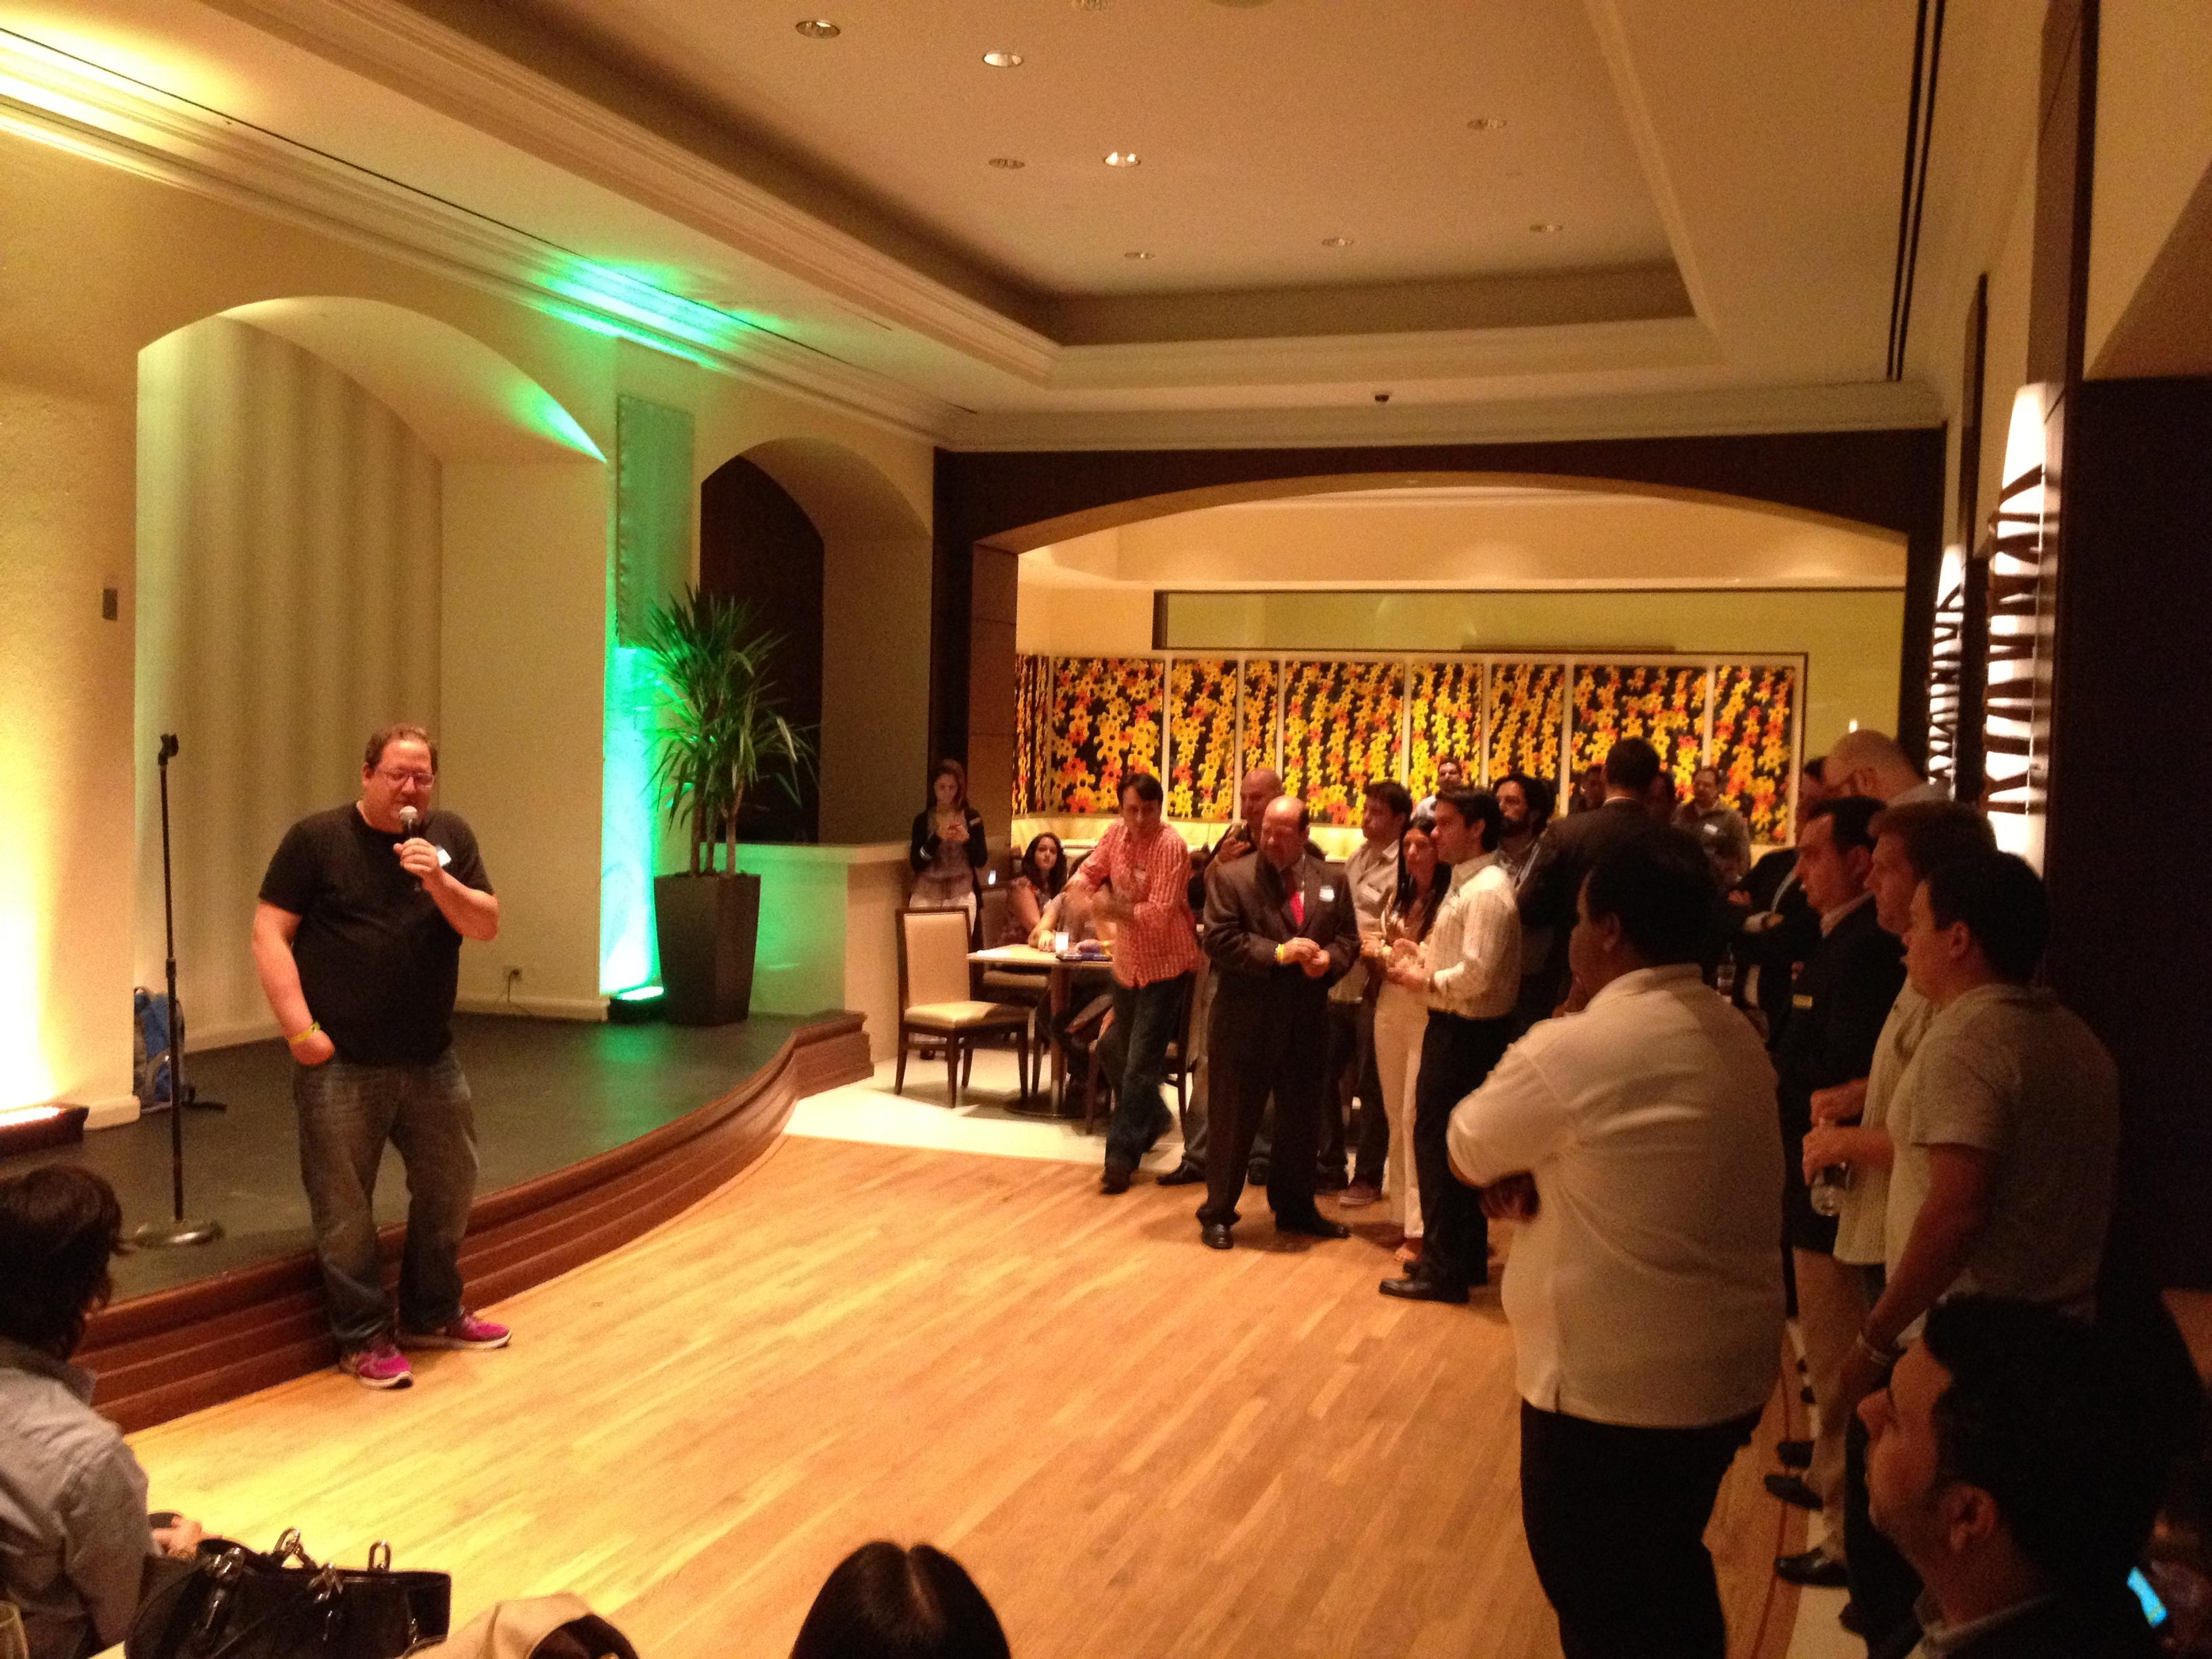 Jeff Pulver se dirige al público durante el primer #140Conf Meet Up en Puerto Rico.